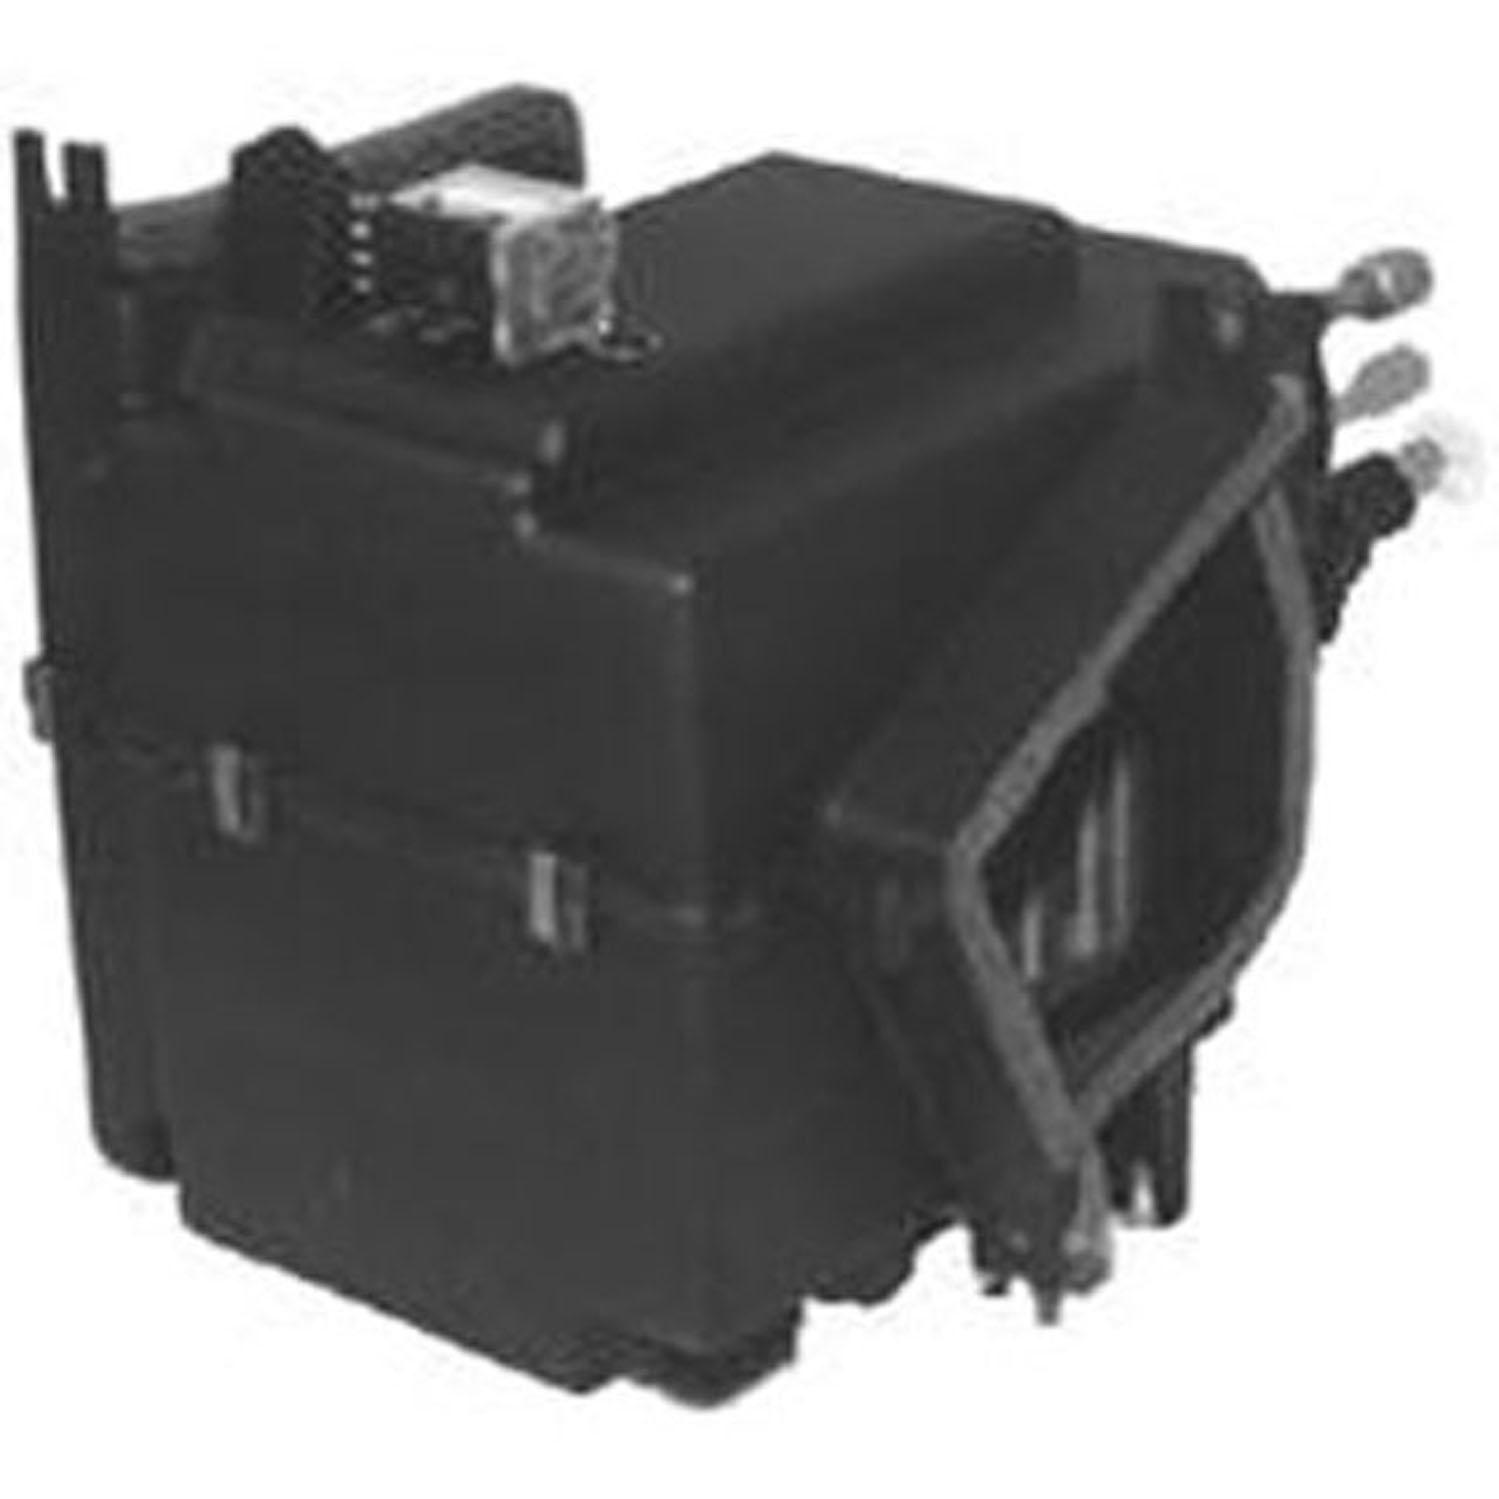 Evaporator Assembly TOY PICKUP 88-84